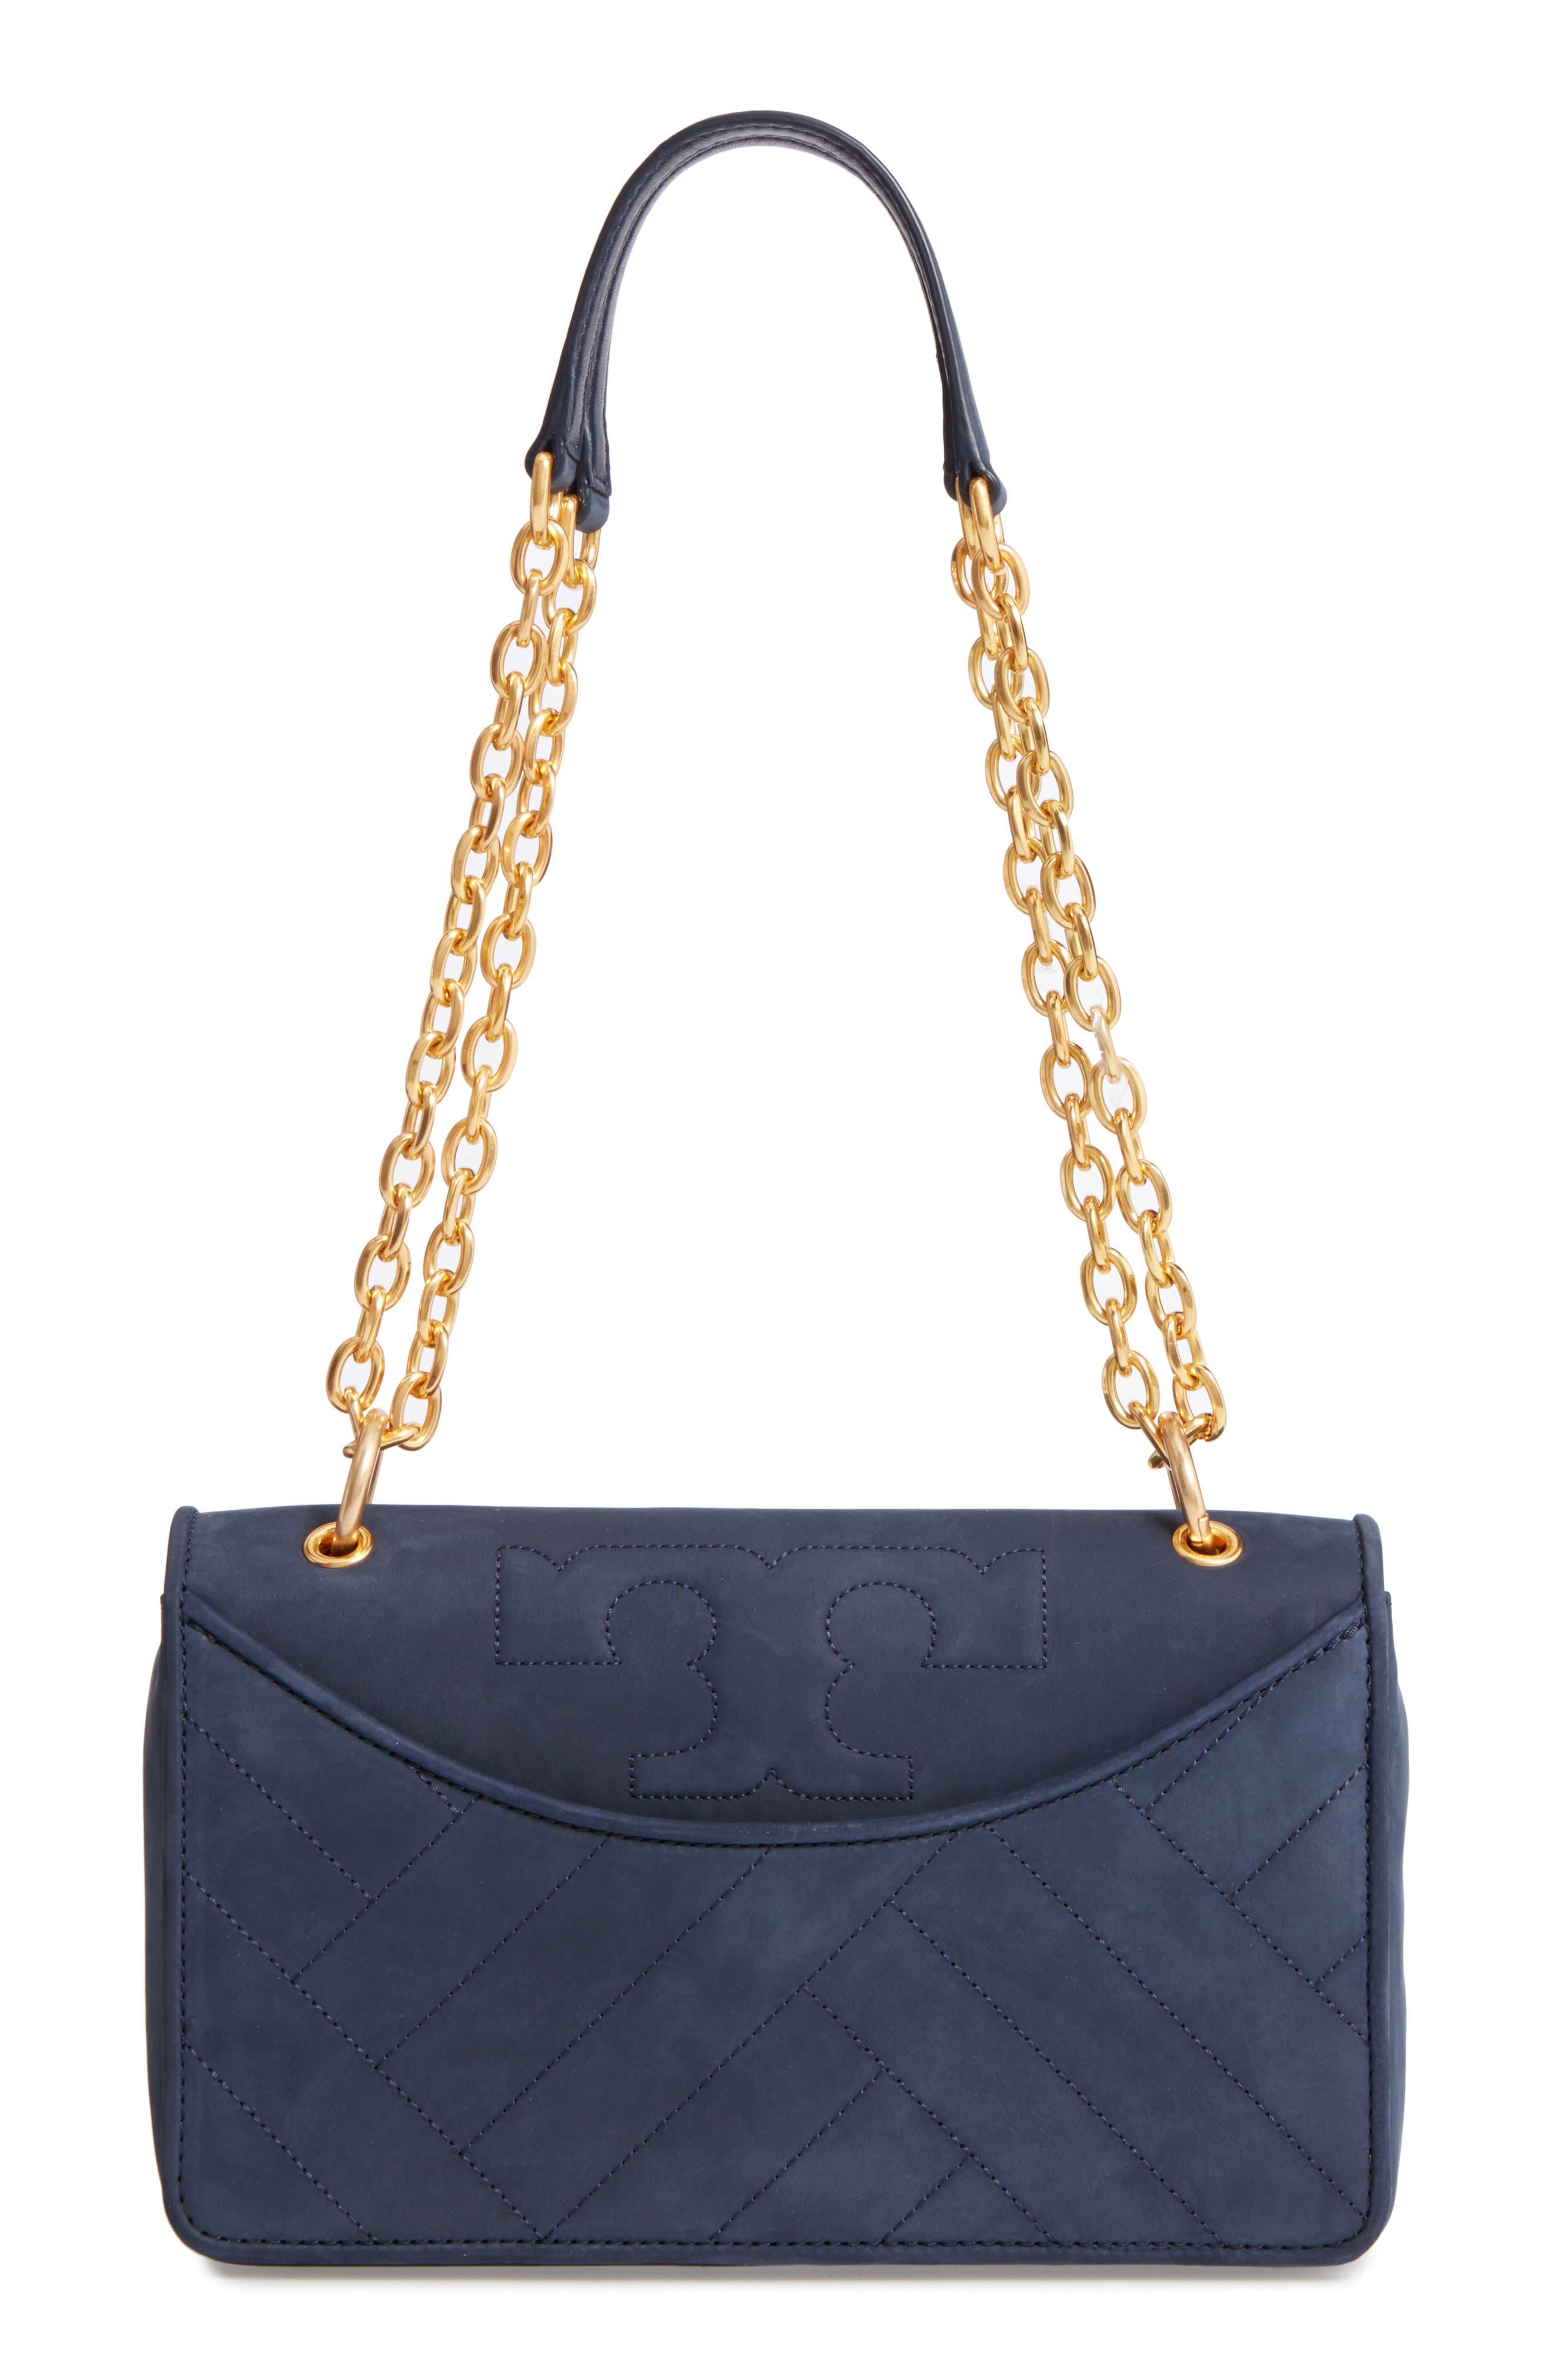 Alexa Leather Shoulder Bag,                             Main thumbnail 1, color,                             Royal Navy